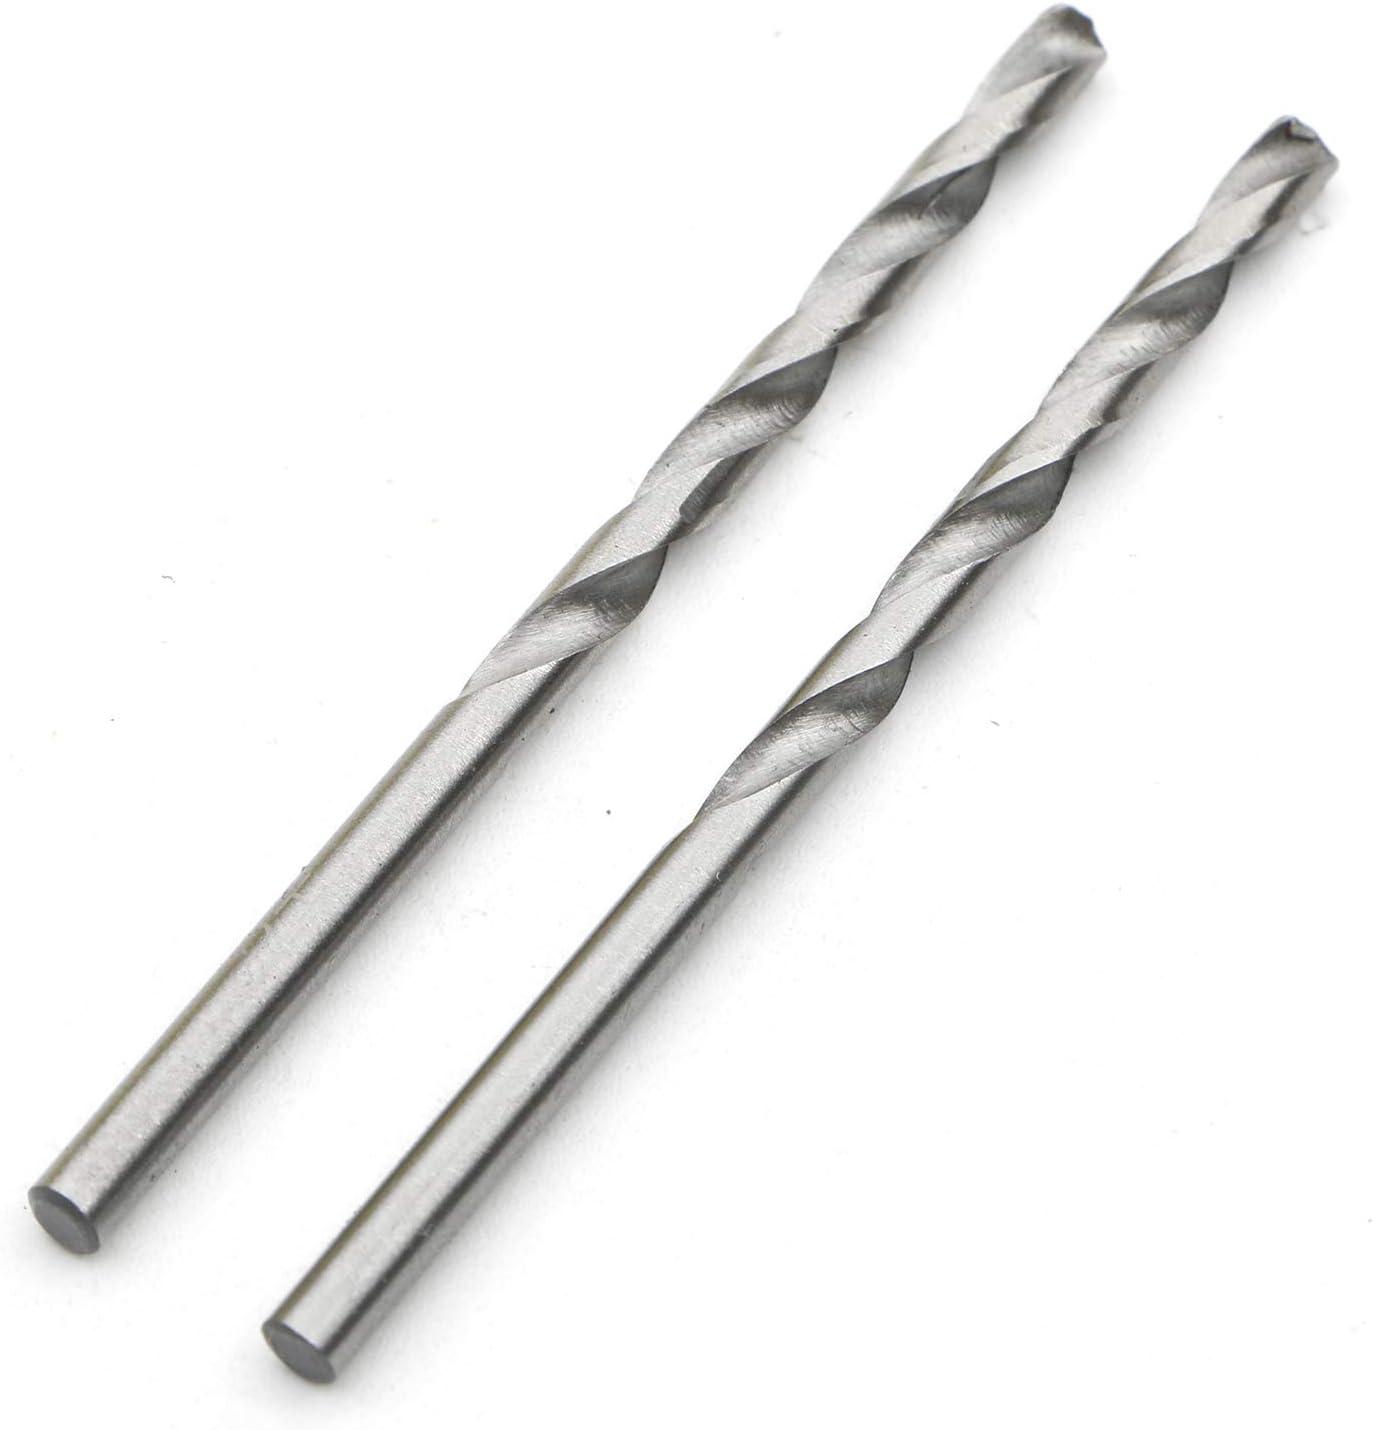 10pcs 1.8 mm Mini Micro Twist Drill Bit Pro ABBOTT